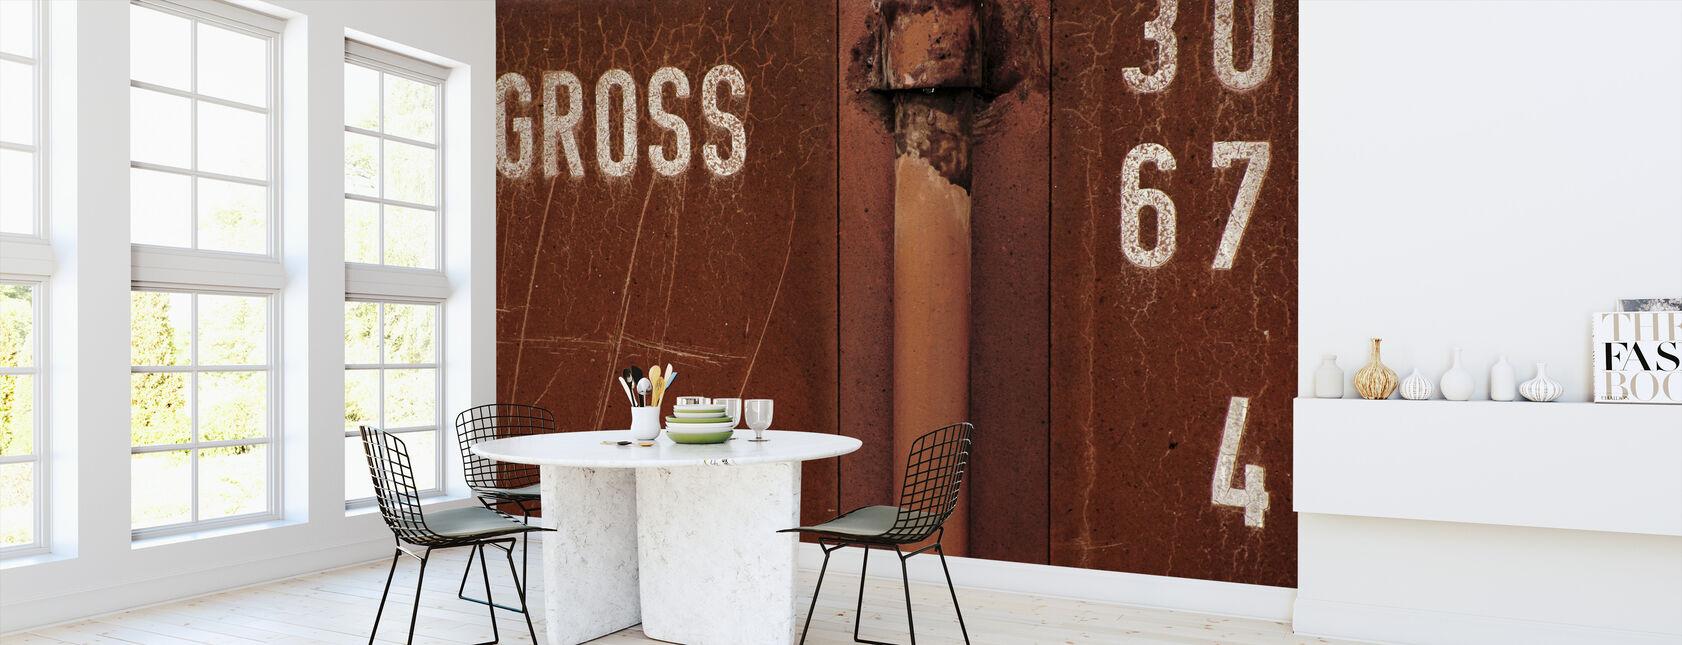 Mur brut - Papier peint - Cuisine